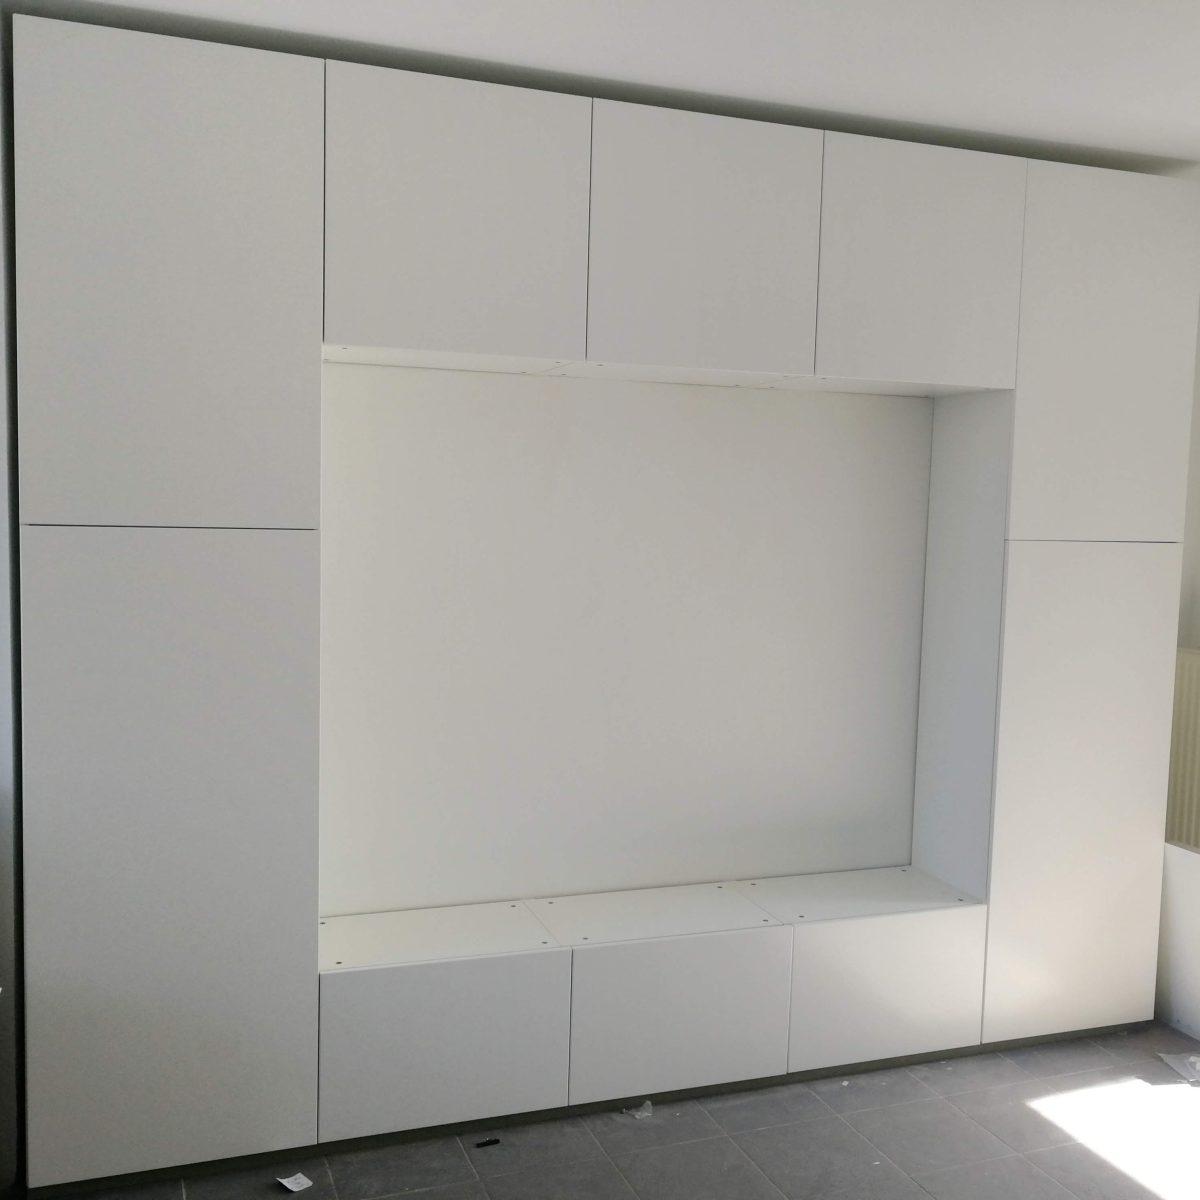 IKEA HACK METOD | Keukenkasten gebruiken als dressing of zitbank (+foto's)